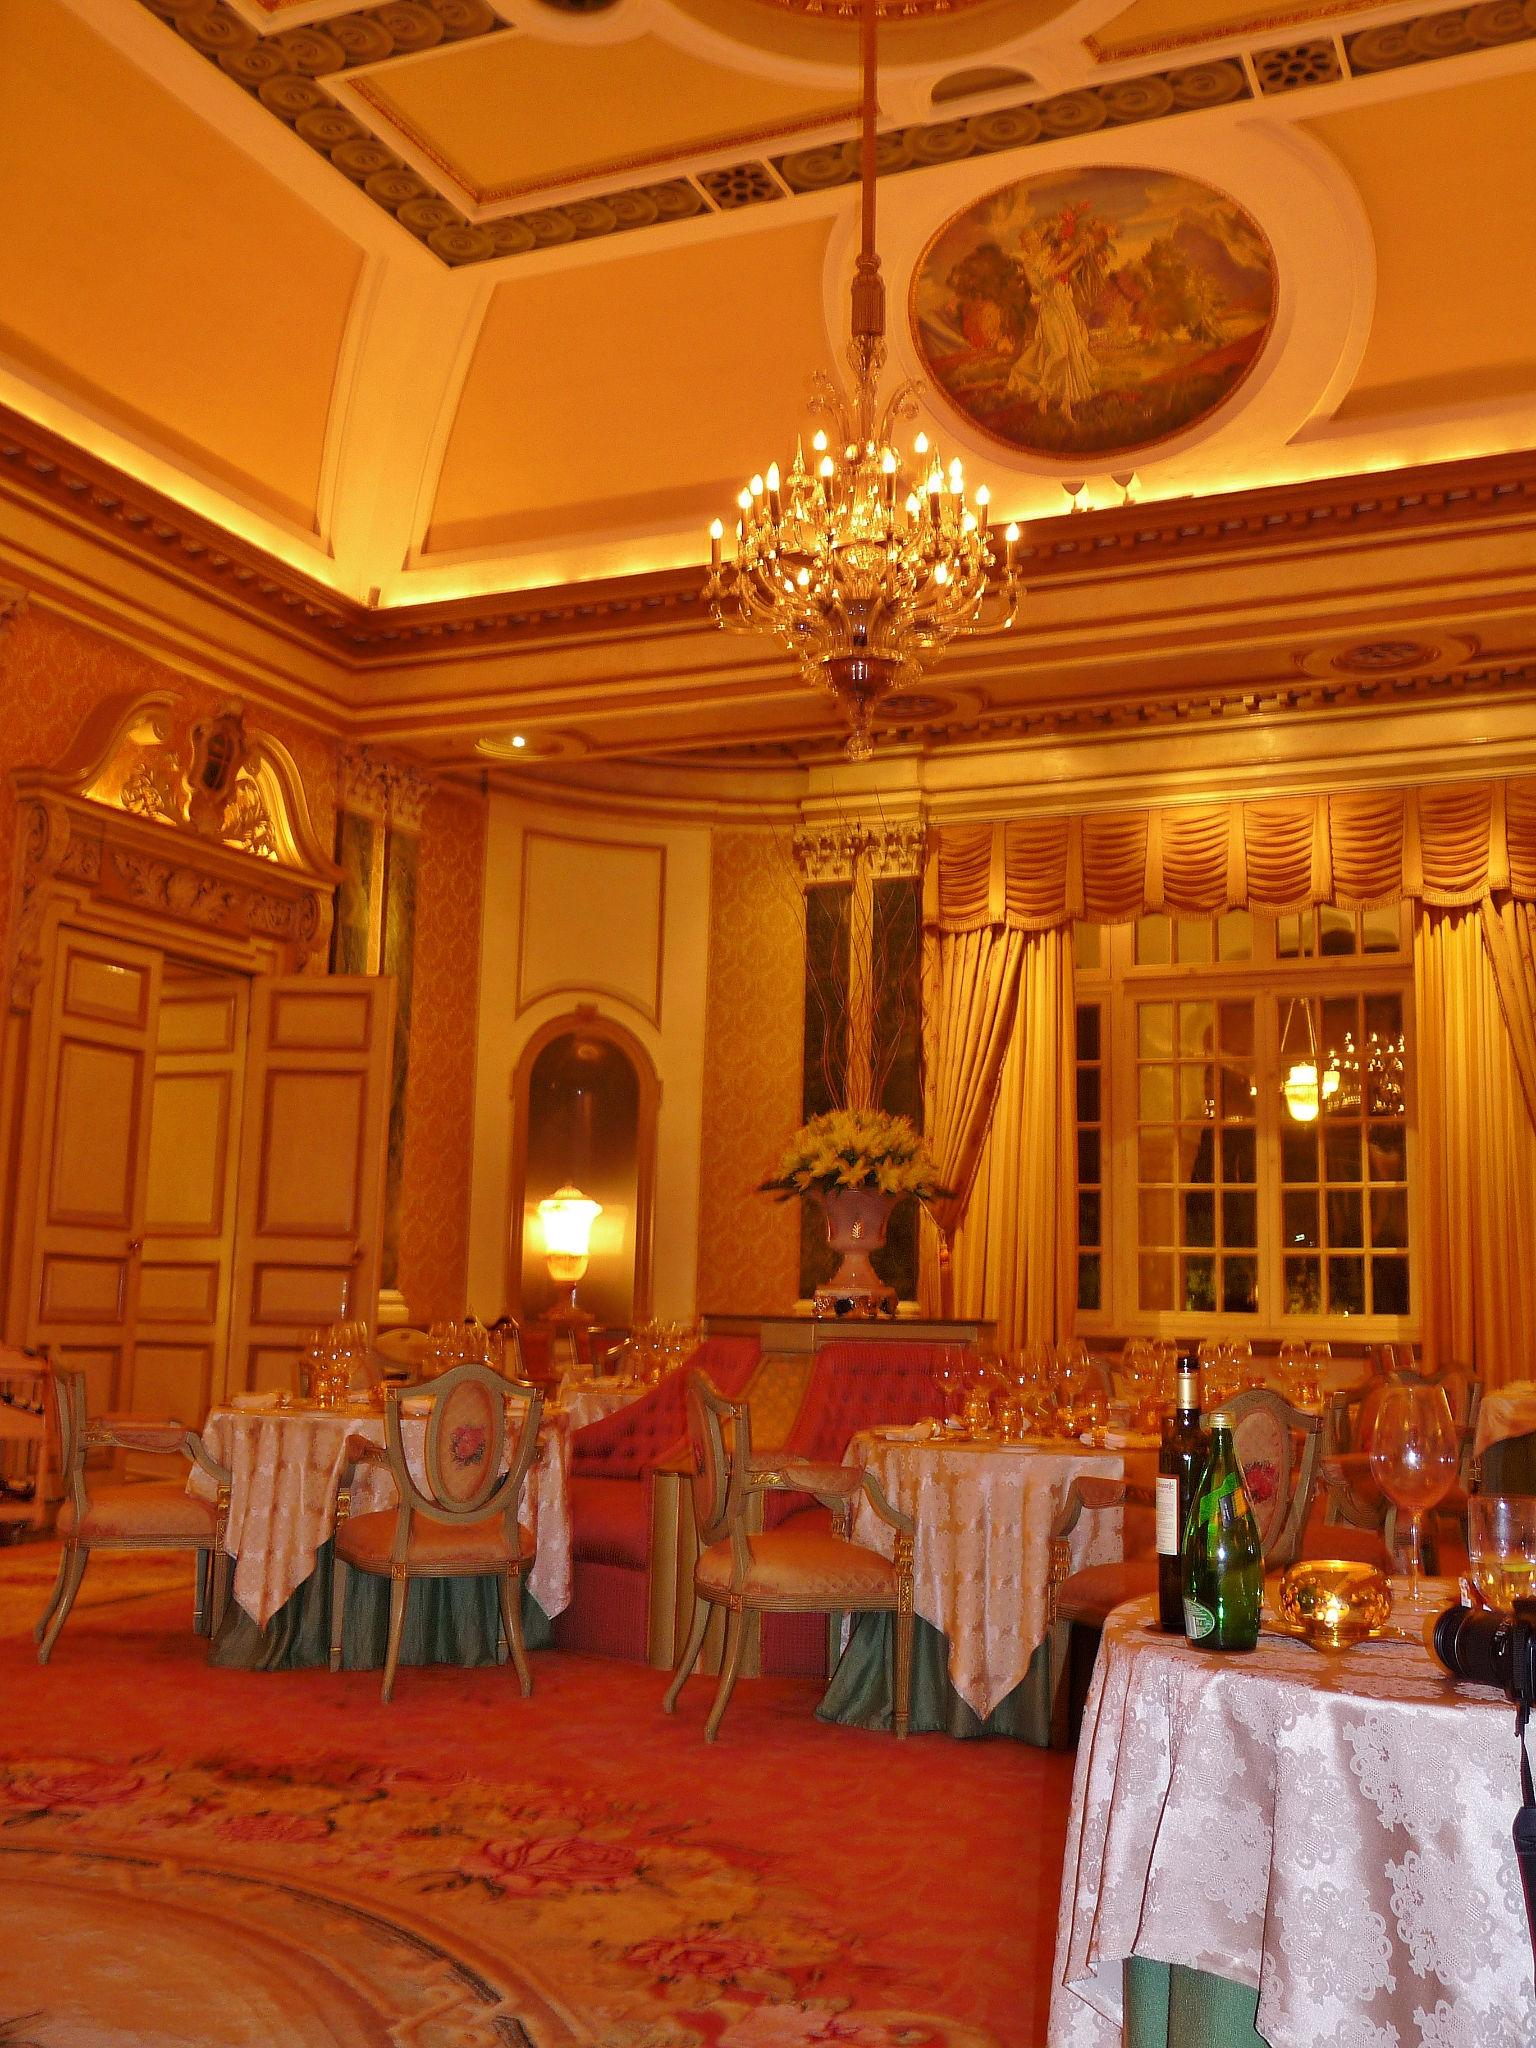 Exquisite interior of suvarna mahal indian restaurant